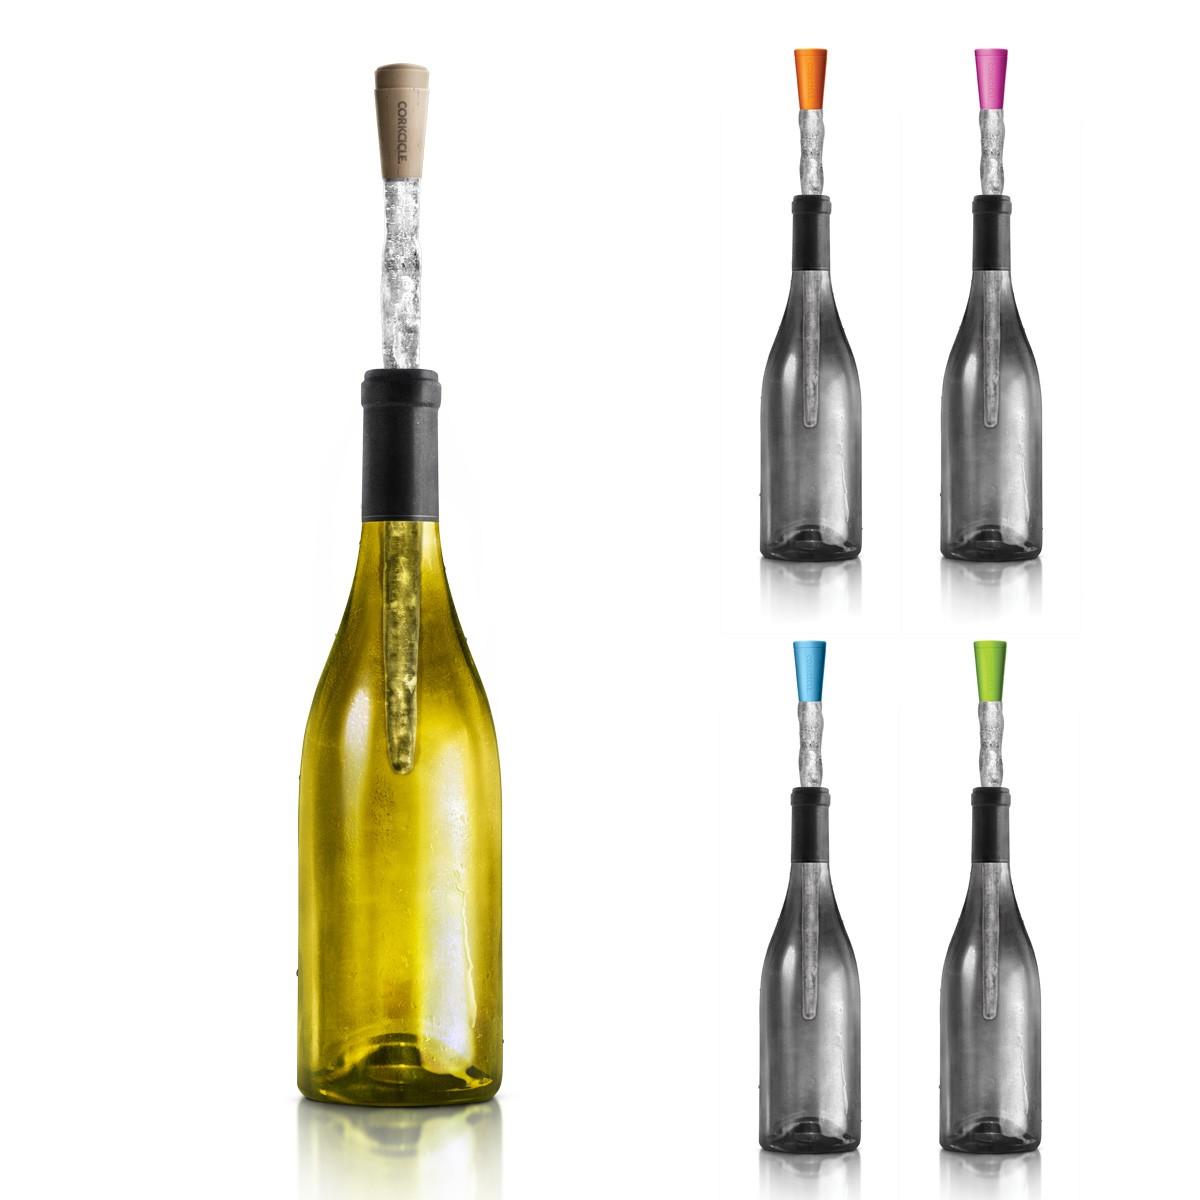 Corkcicle - praktyczny schładzacz do wina